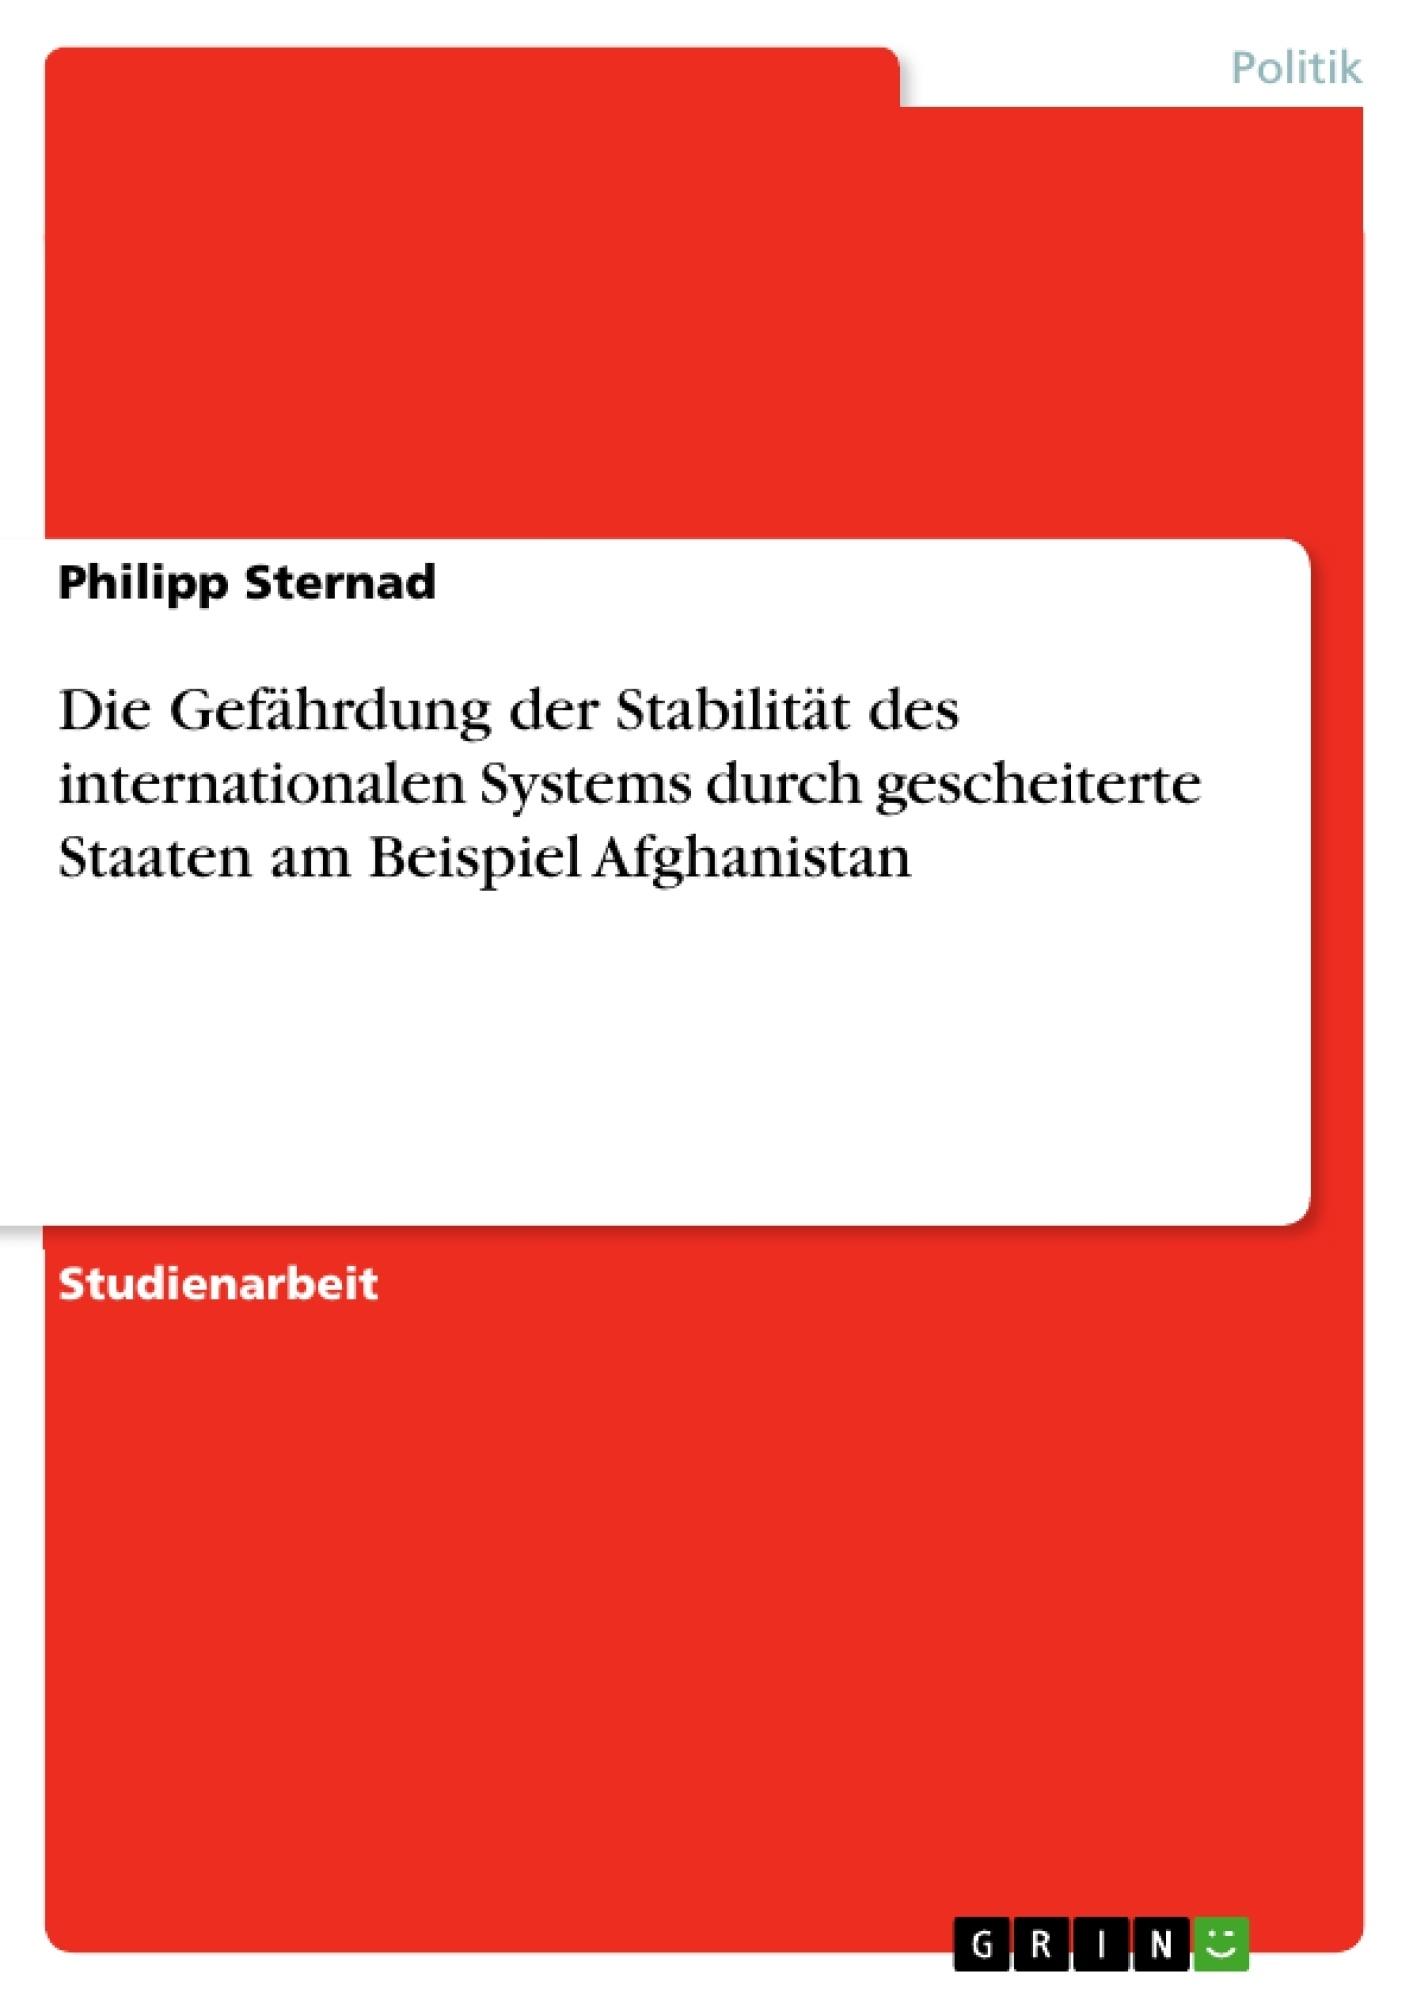 Titel: Die Gefährdung der Stabilität des internationalen Systems durch gescheiterte Staaten am Beispiel Afghanistan